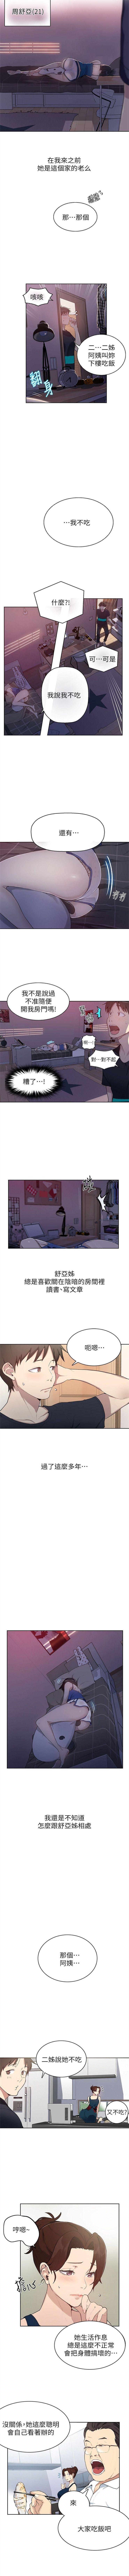 秘密教學  1-50 官方中文(連載中) 5